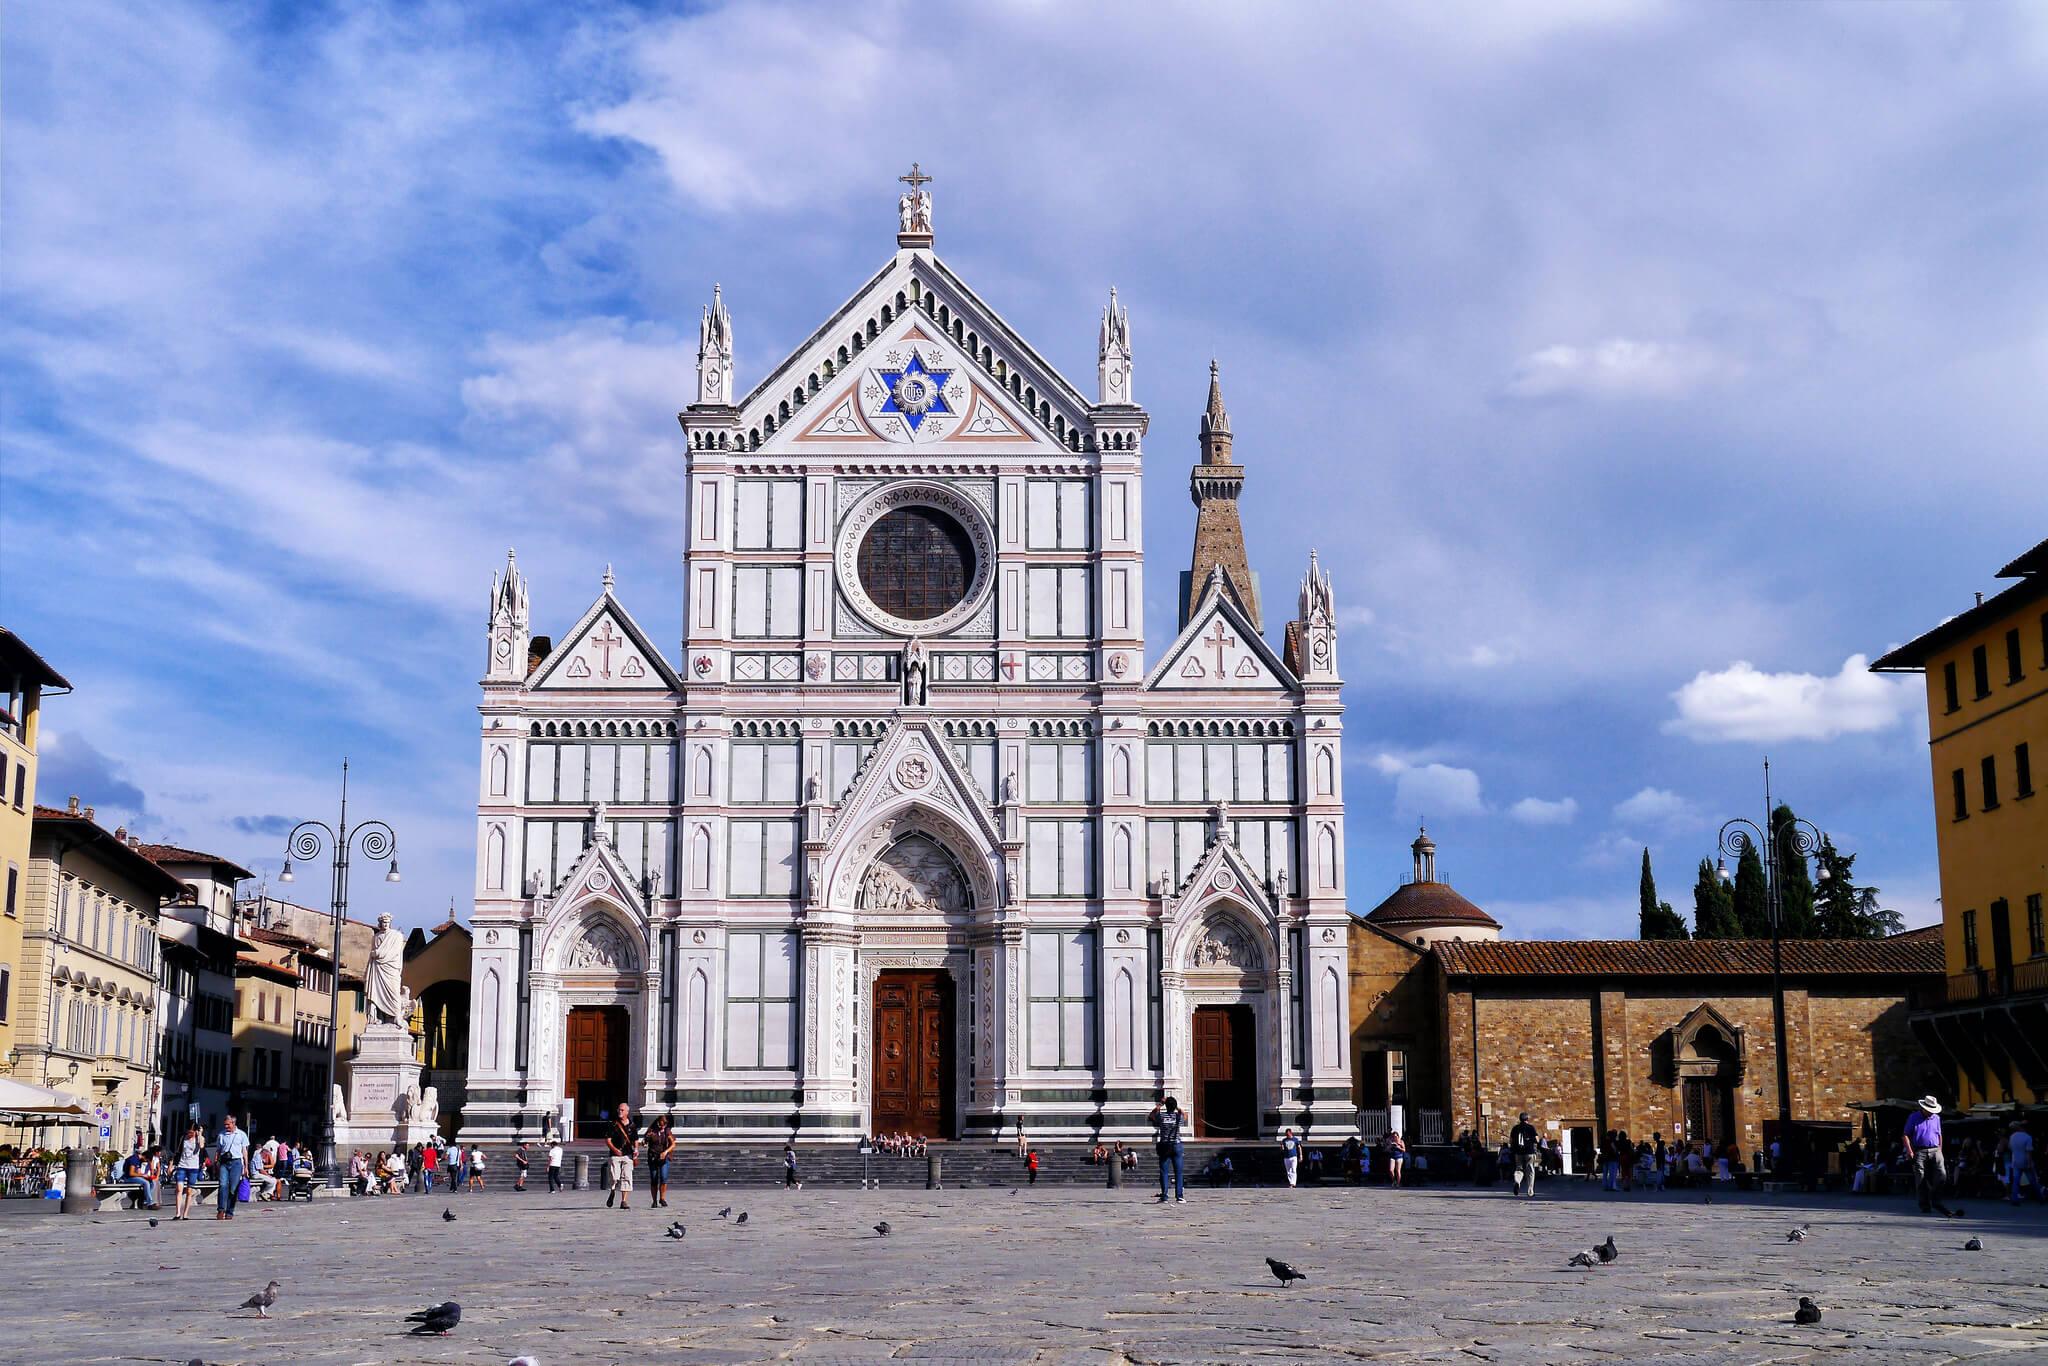 Visiter la Basilique Santa Croce lors de votre séjour à Florence